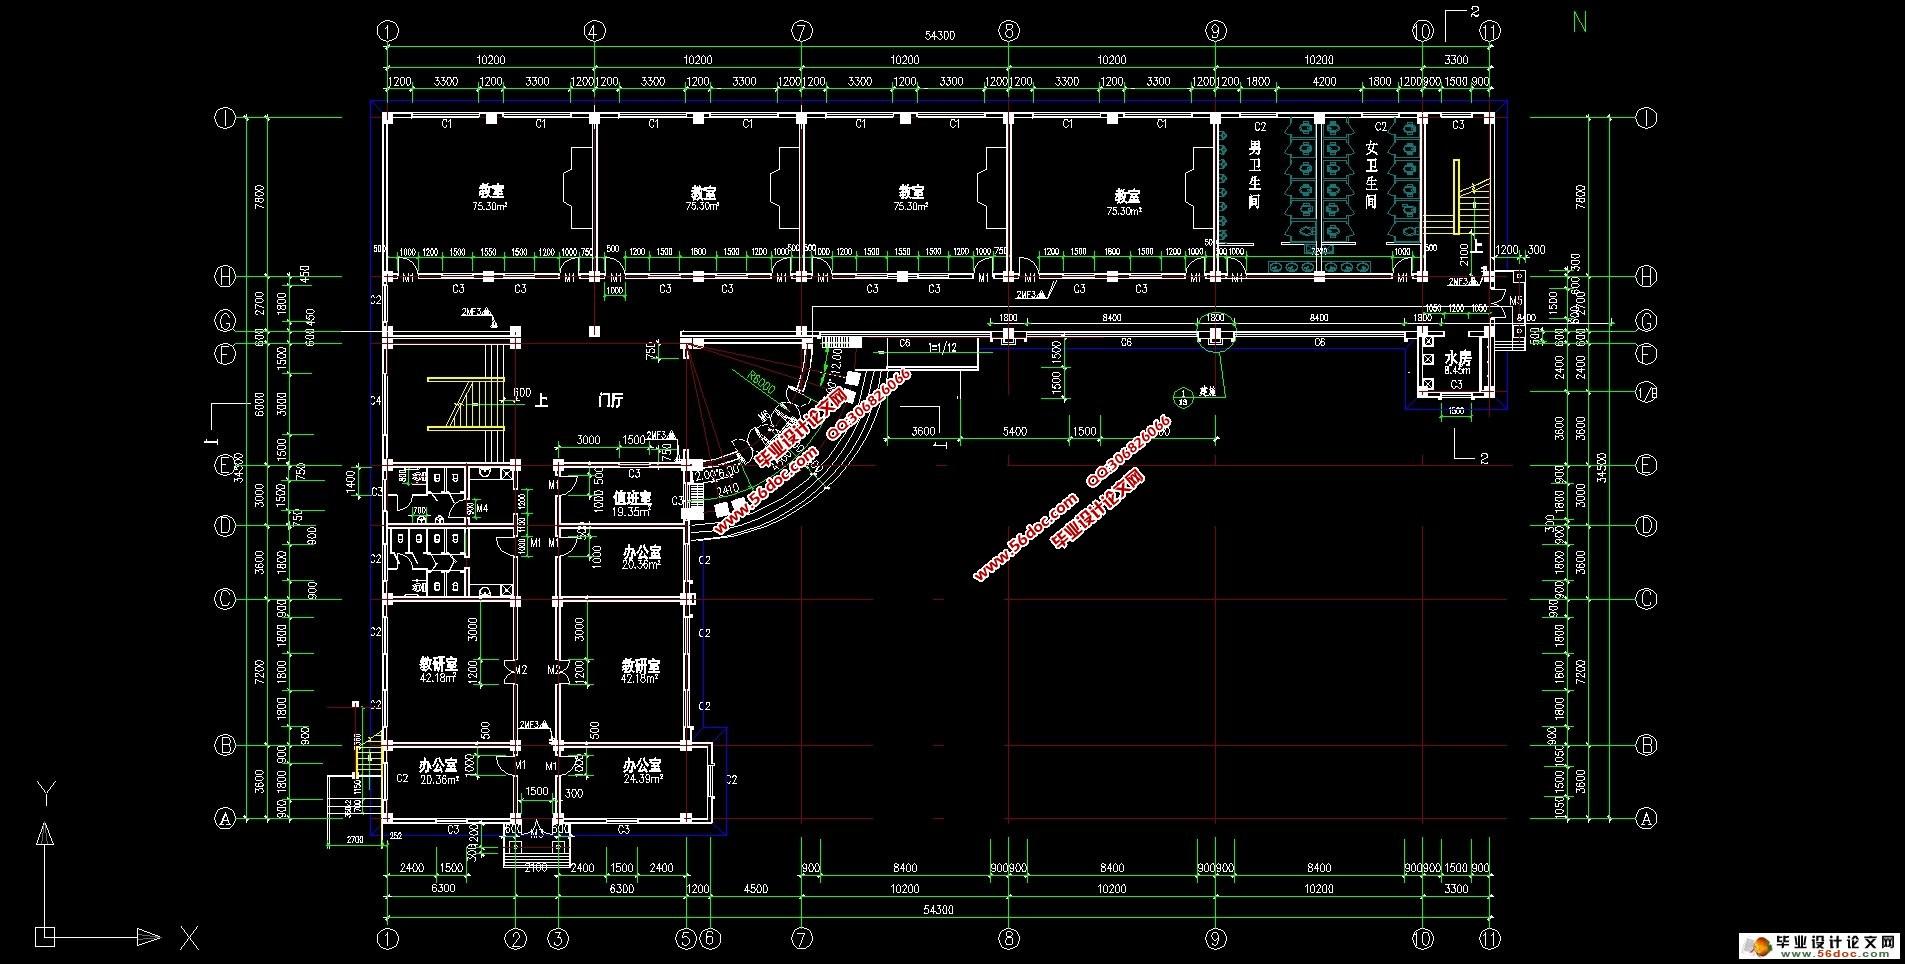 四层4000平米小学教学楼的v小学(建筑图,结构图渎第木三小学图片